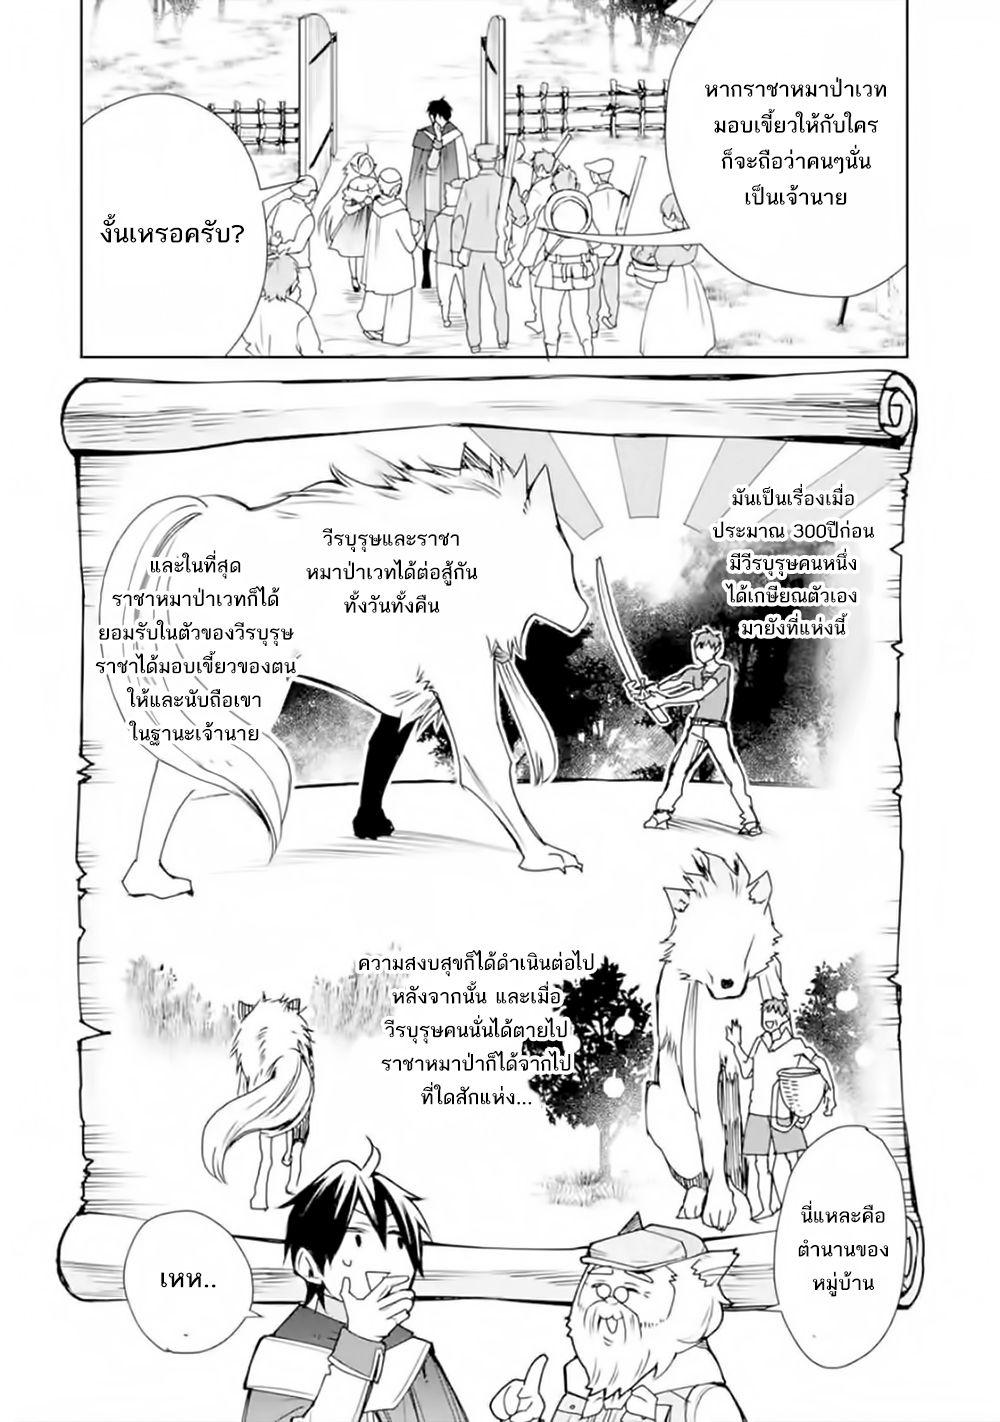 อ่านการ์ตูน Saikyo no mado-shi. Hiza ni ya o ukete shimattanode inaka no eihei ni naru ตอนที่ 2.3 หน้าที่ 9